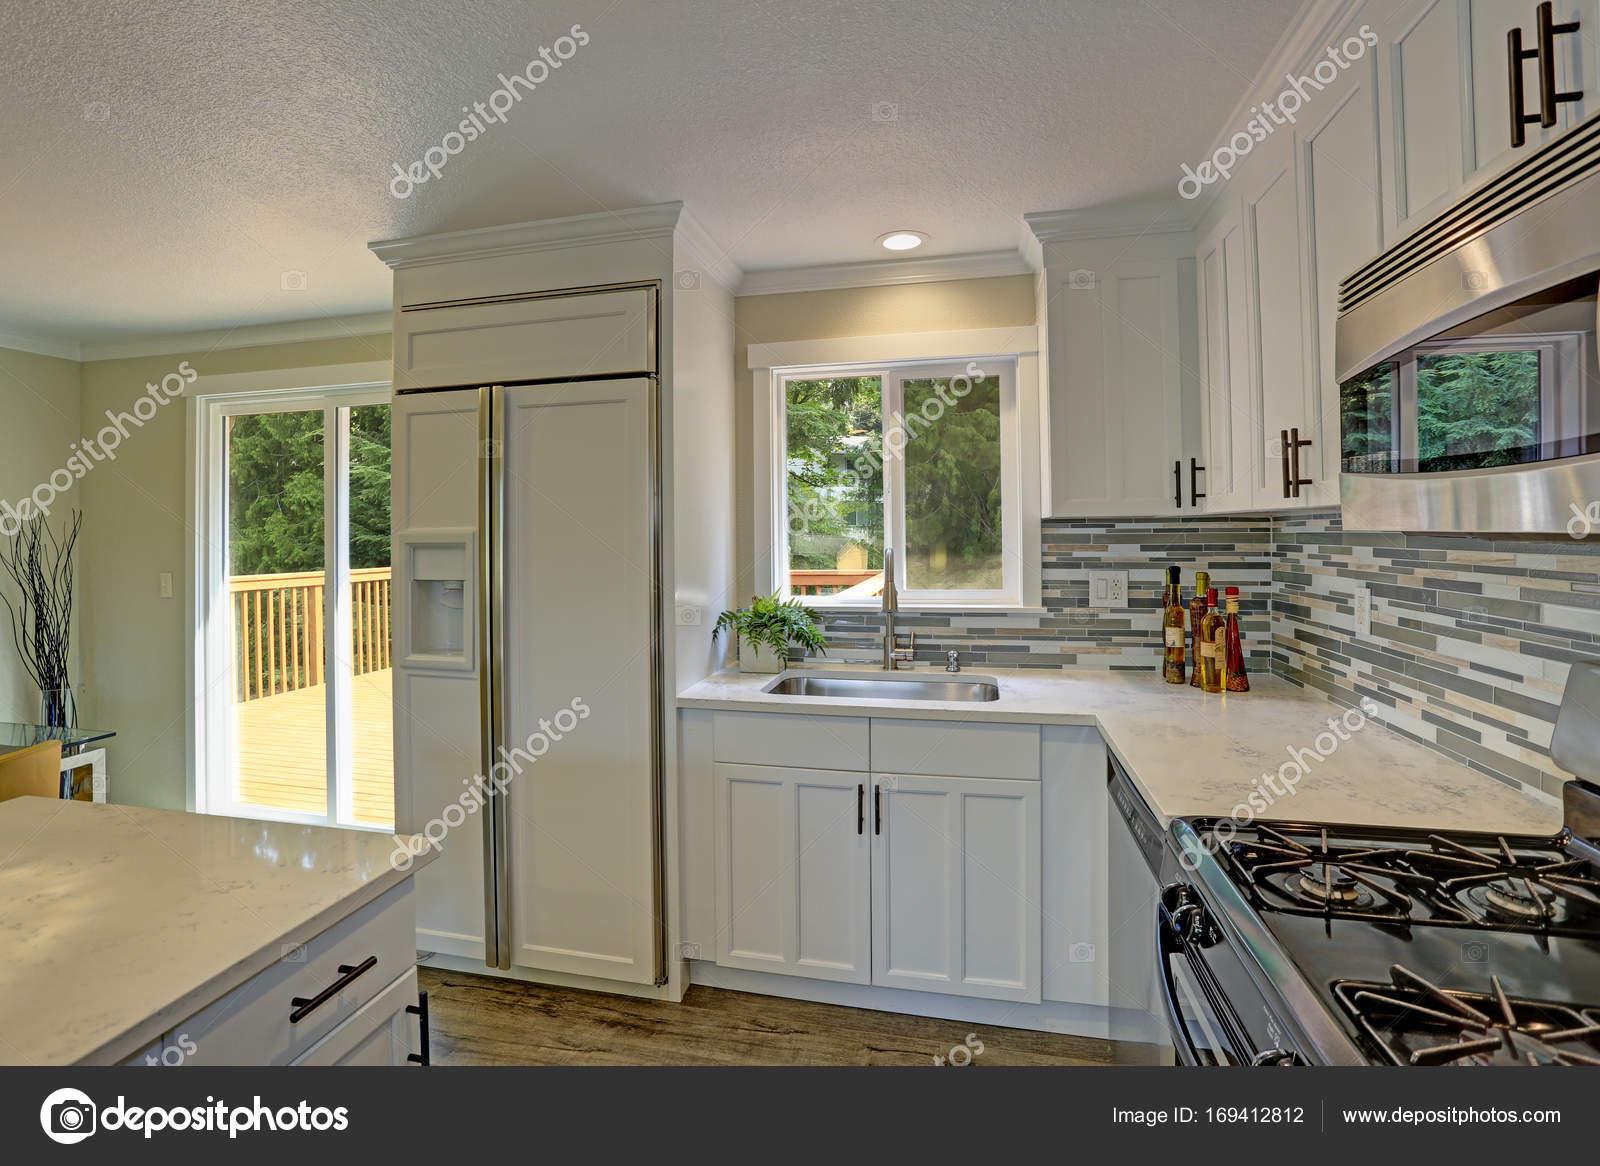 Schöne offene zweite Etage weiße Küche — Stockfoto © alabn #169412812